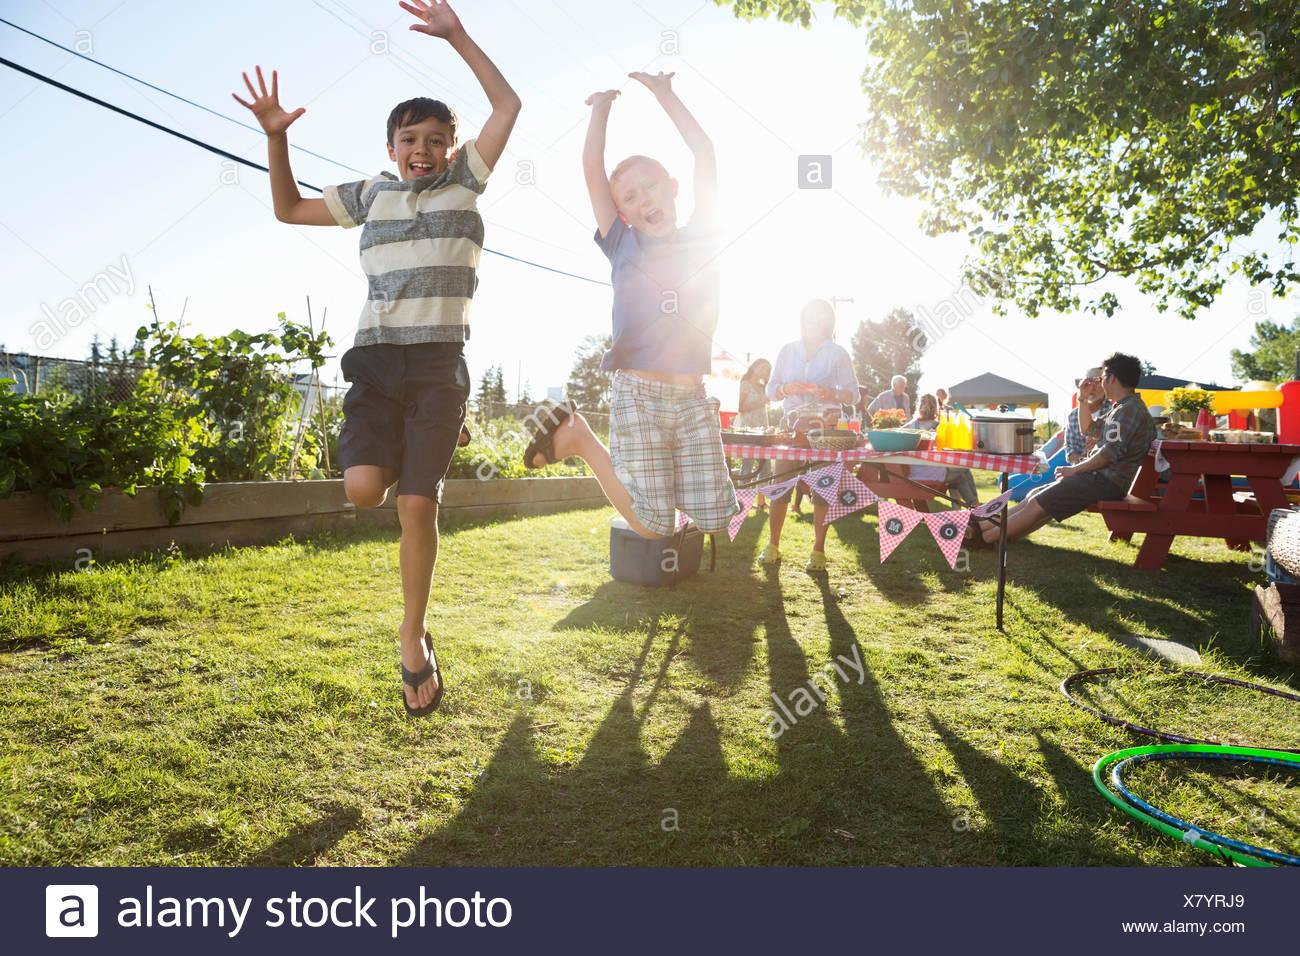 Ritratto giocoso boys salti di gioia soleggiato parco Immagini Stock